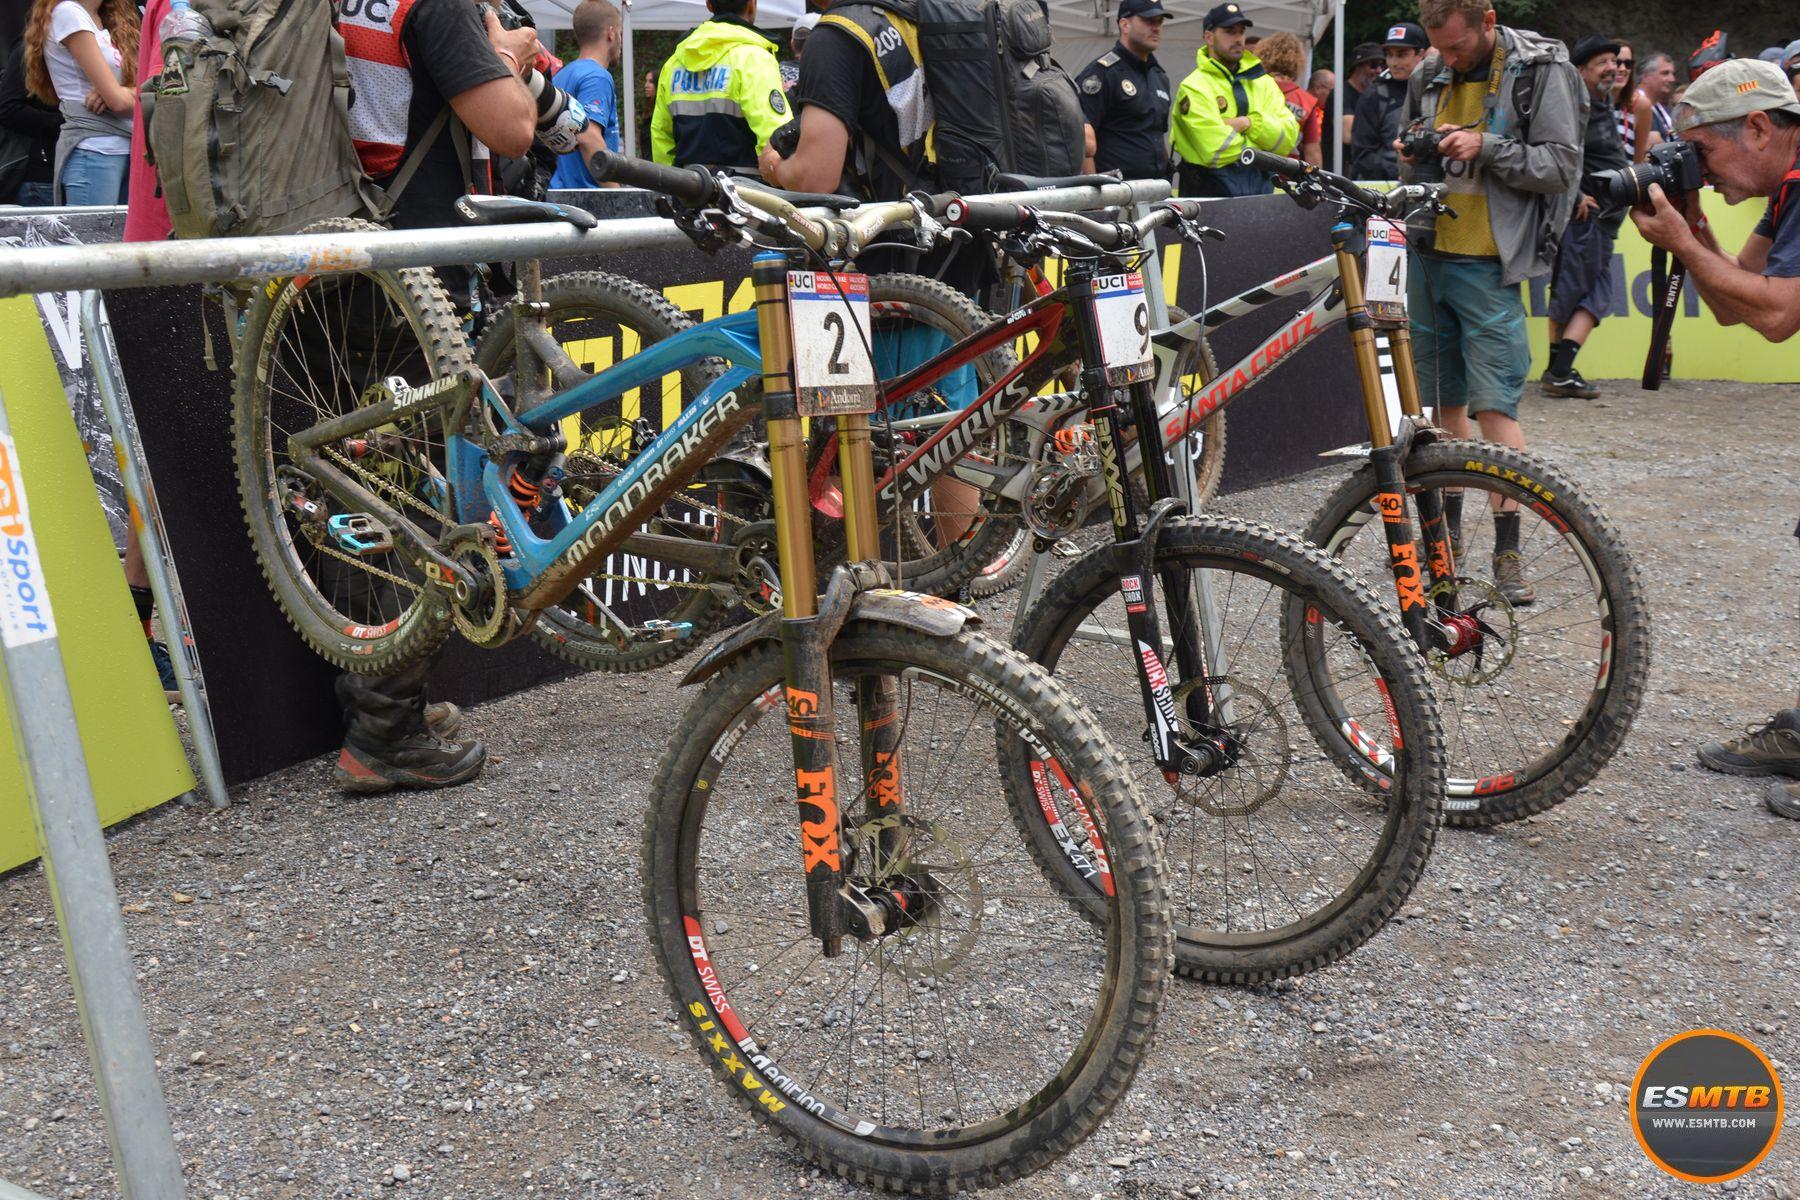 Las bicicletas más rápidas del día en Vallnord. Dos americanas mirando a una española.